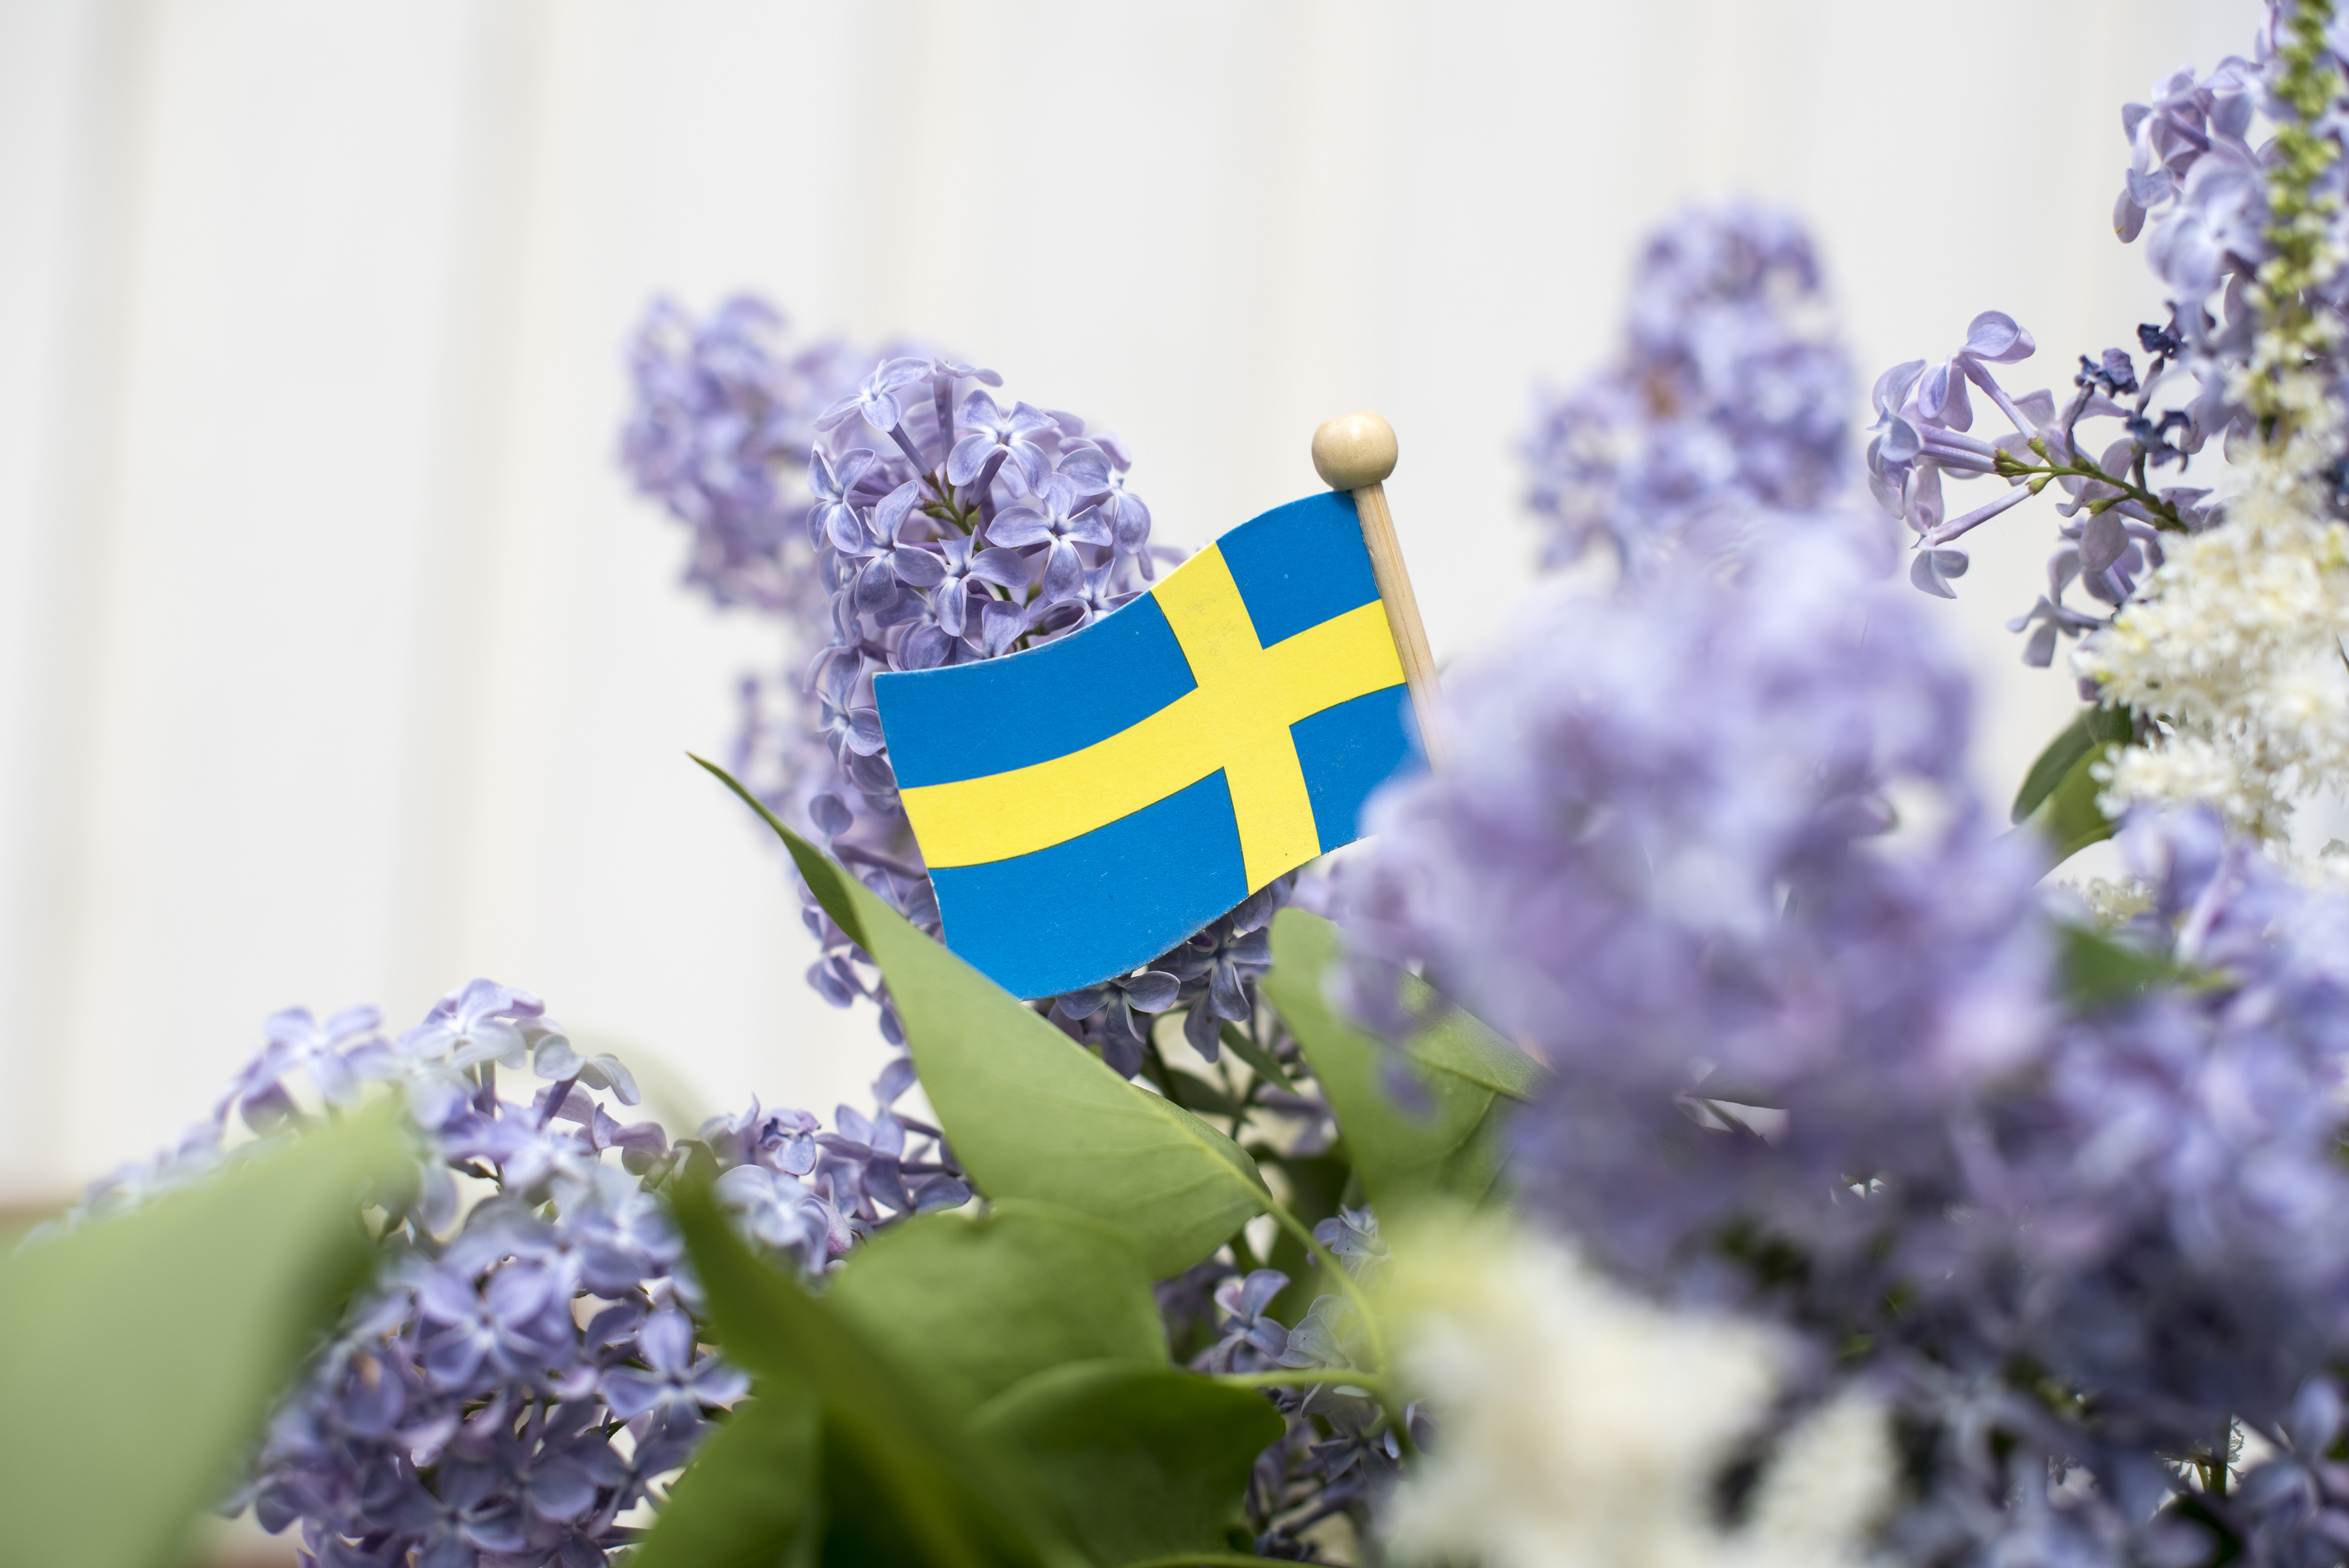 Lila syrener och en svensk liten träflagga